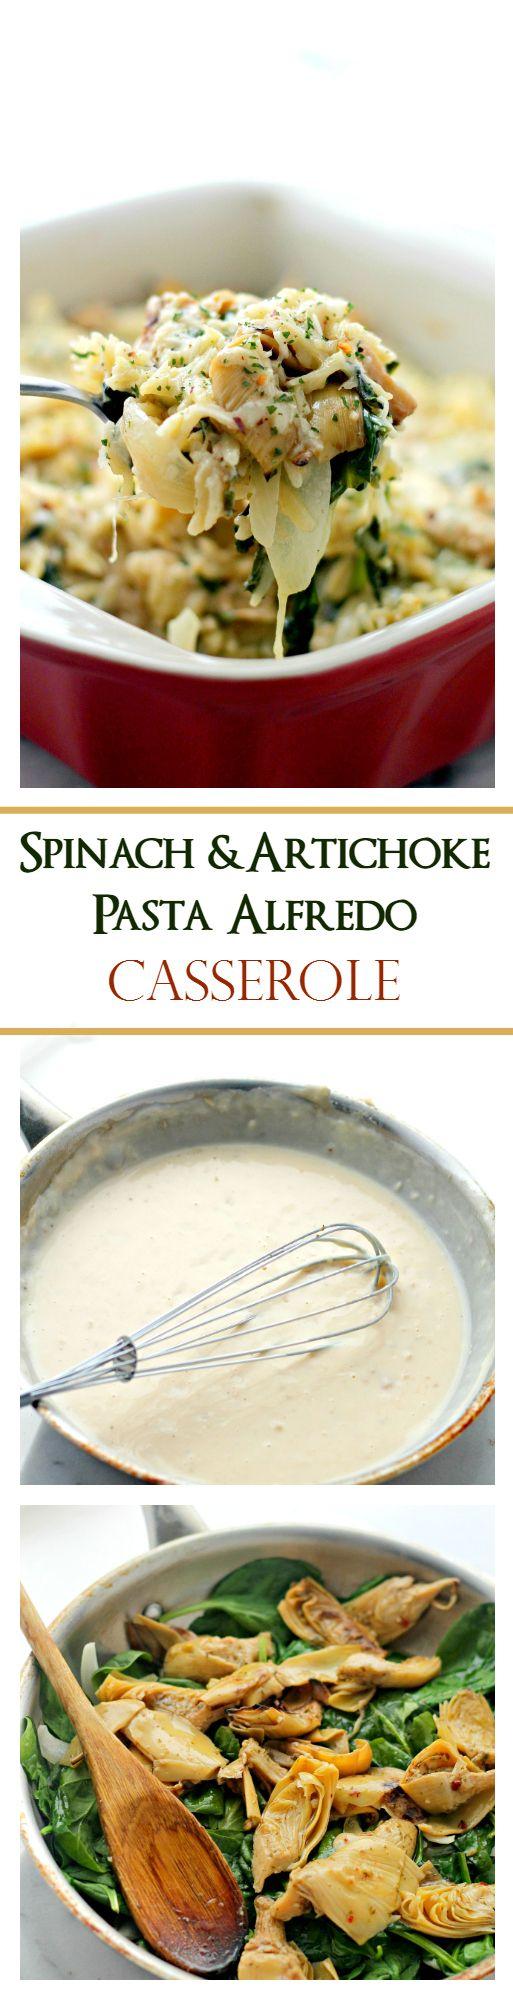 Spinach and Artichoke Pasta Alfredo Casserole | Recipe ...